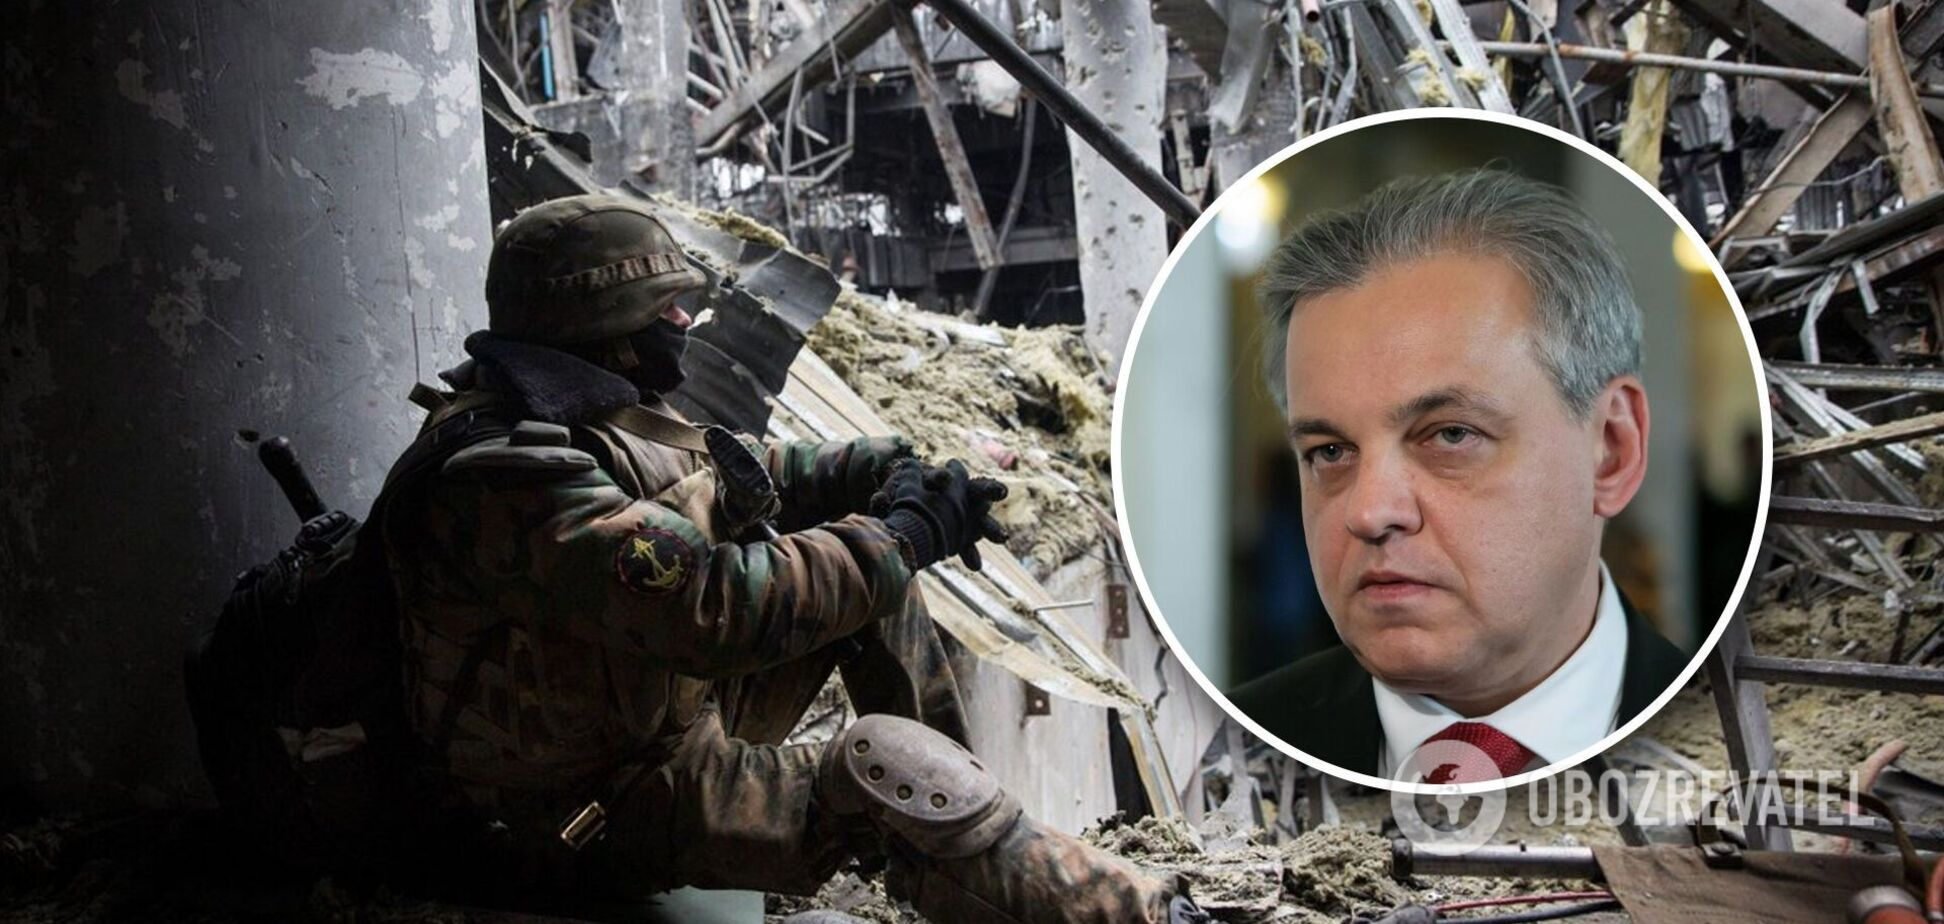 Рахманин: 'Минск' мертв, но четкого плана у Украины нет. Интервью о войне, мире и предателях во власти